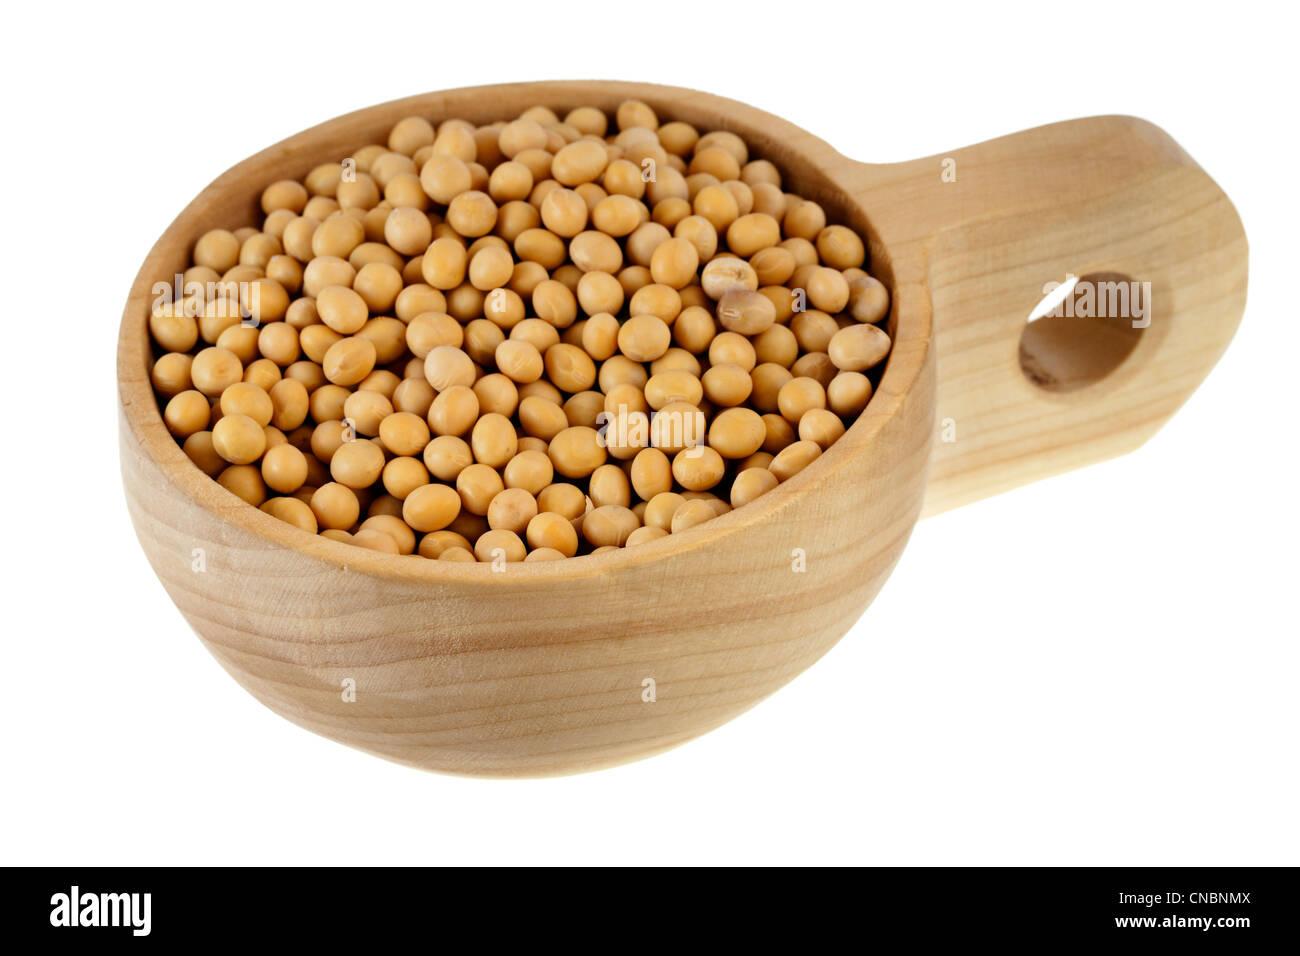 Les fèves de soja jaune sur un sol en bois, rustique, scoop ou bol, isolé sur fond blanc Photo Stock